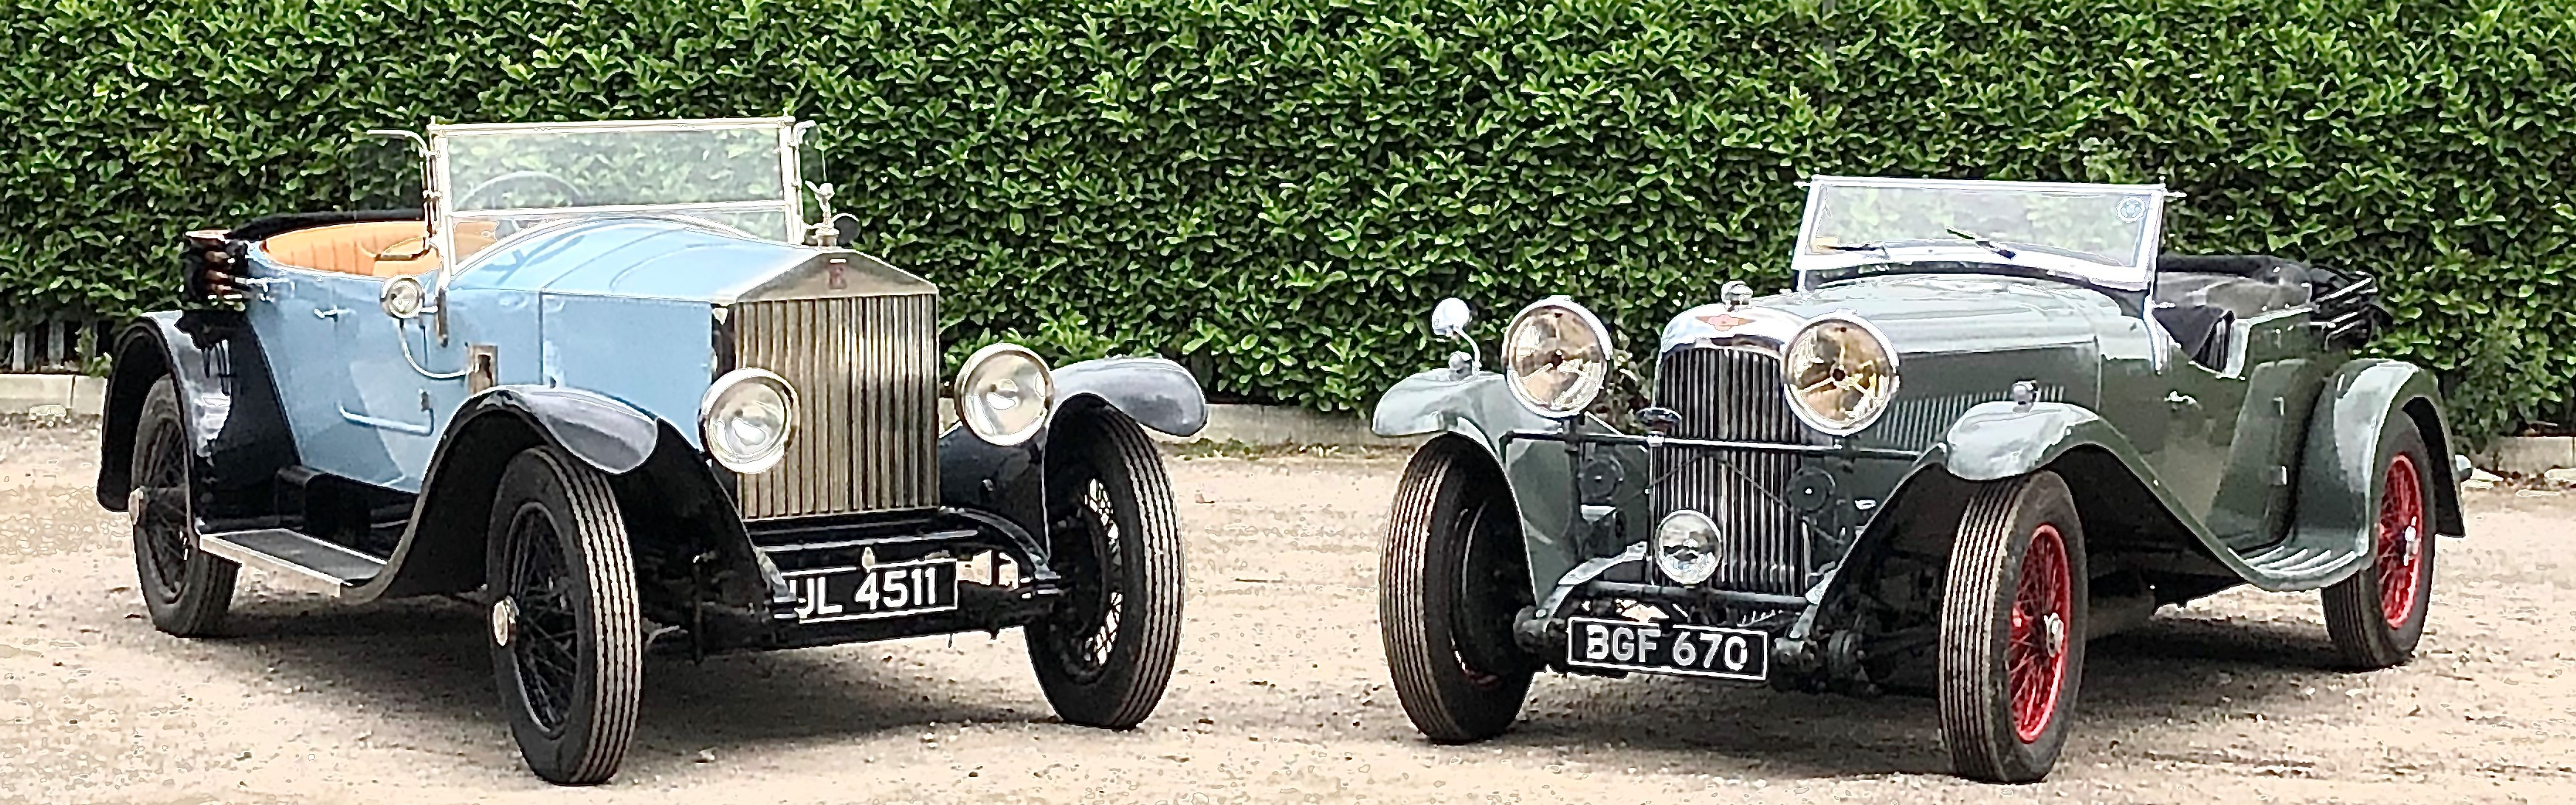 Classic Rolls Royce and Classic Lagonda